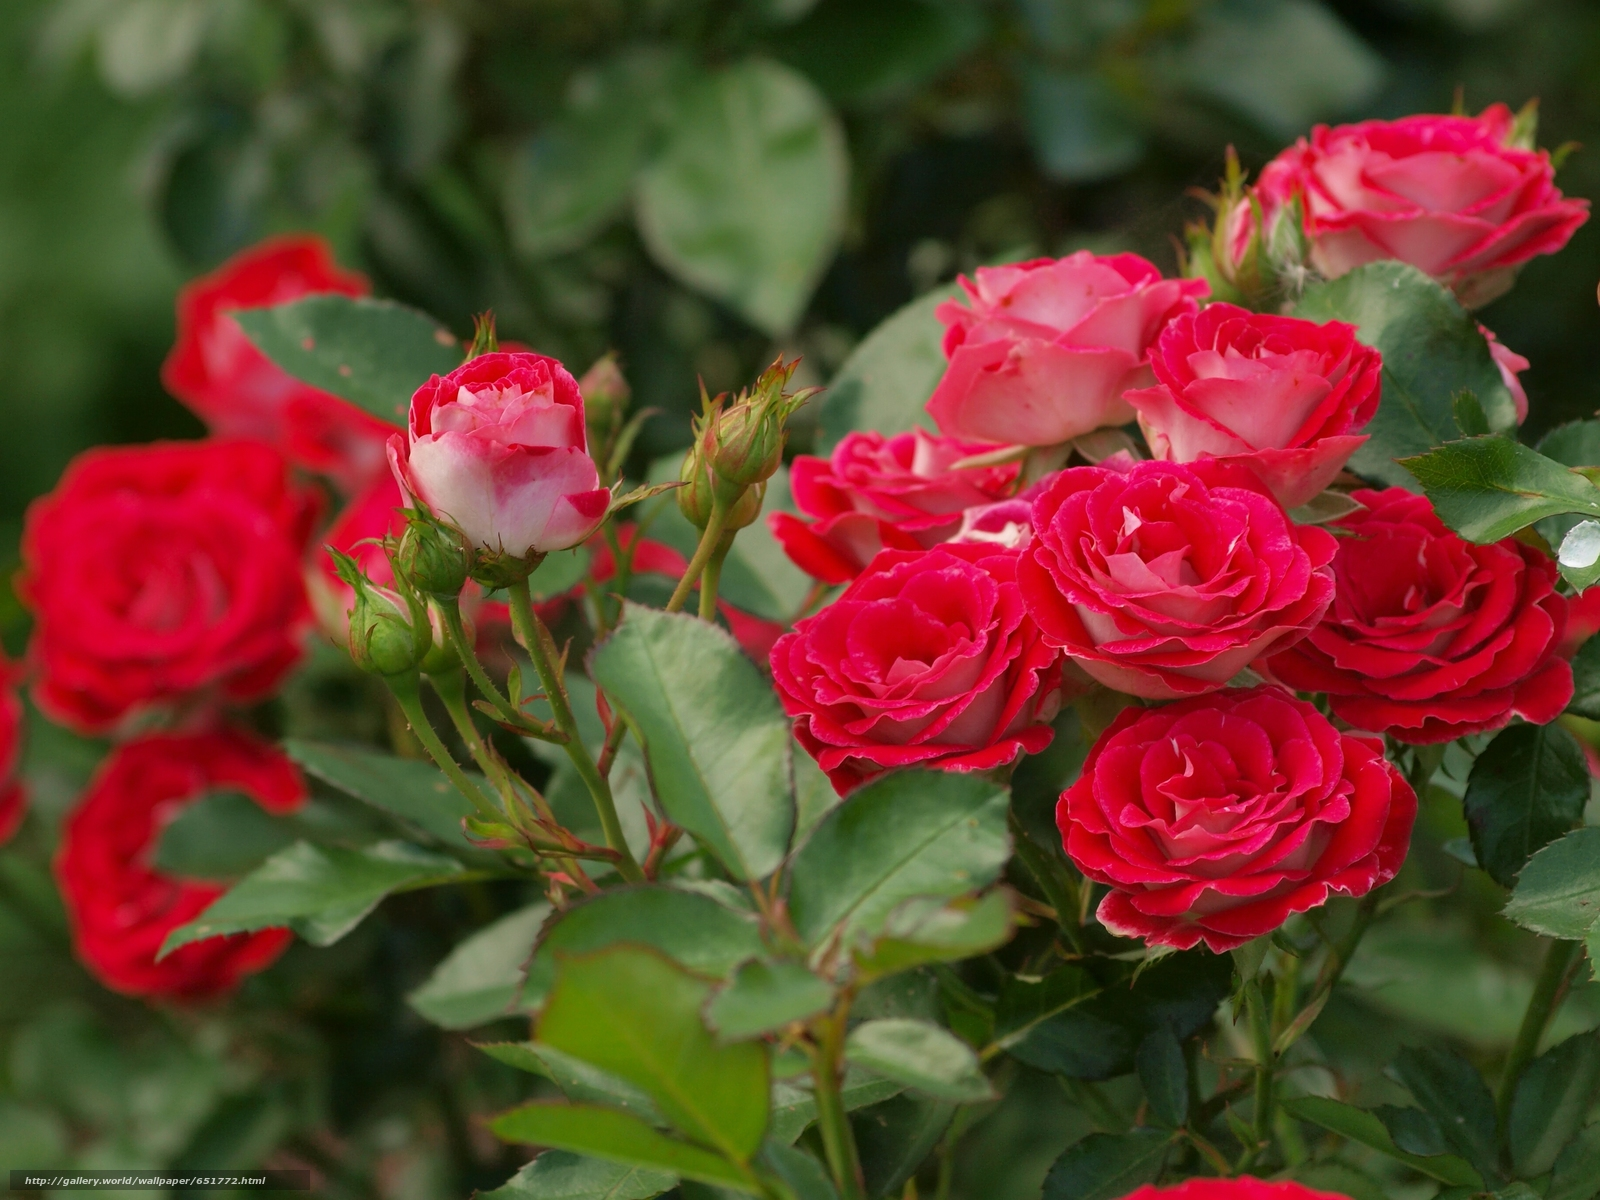 Tlcharger Fond d'ecran rosier,  rose,  Roses,  EUDB Fonds d'ecran gratuits pour votre rsolution du bureau 3648x2736 — image №651772